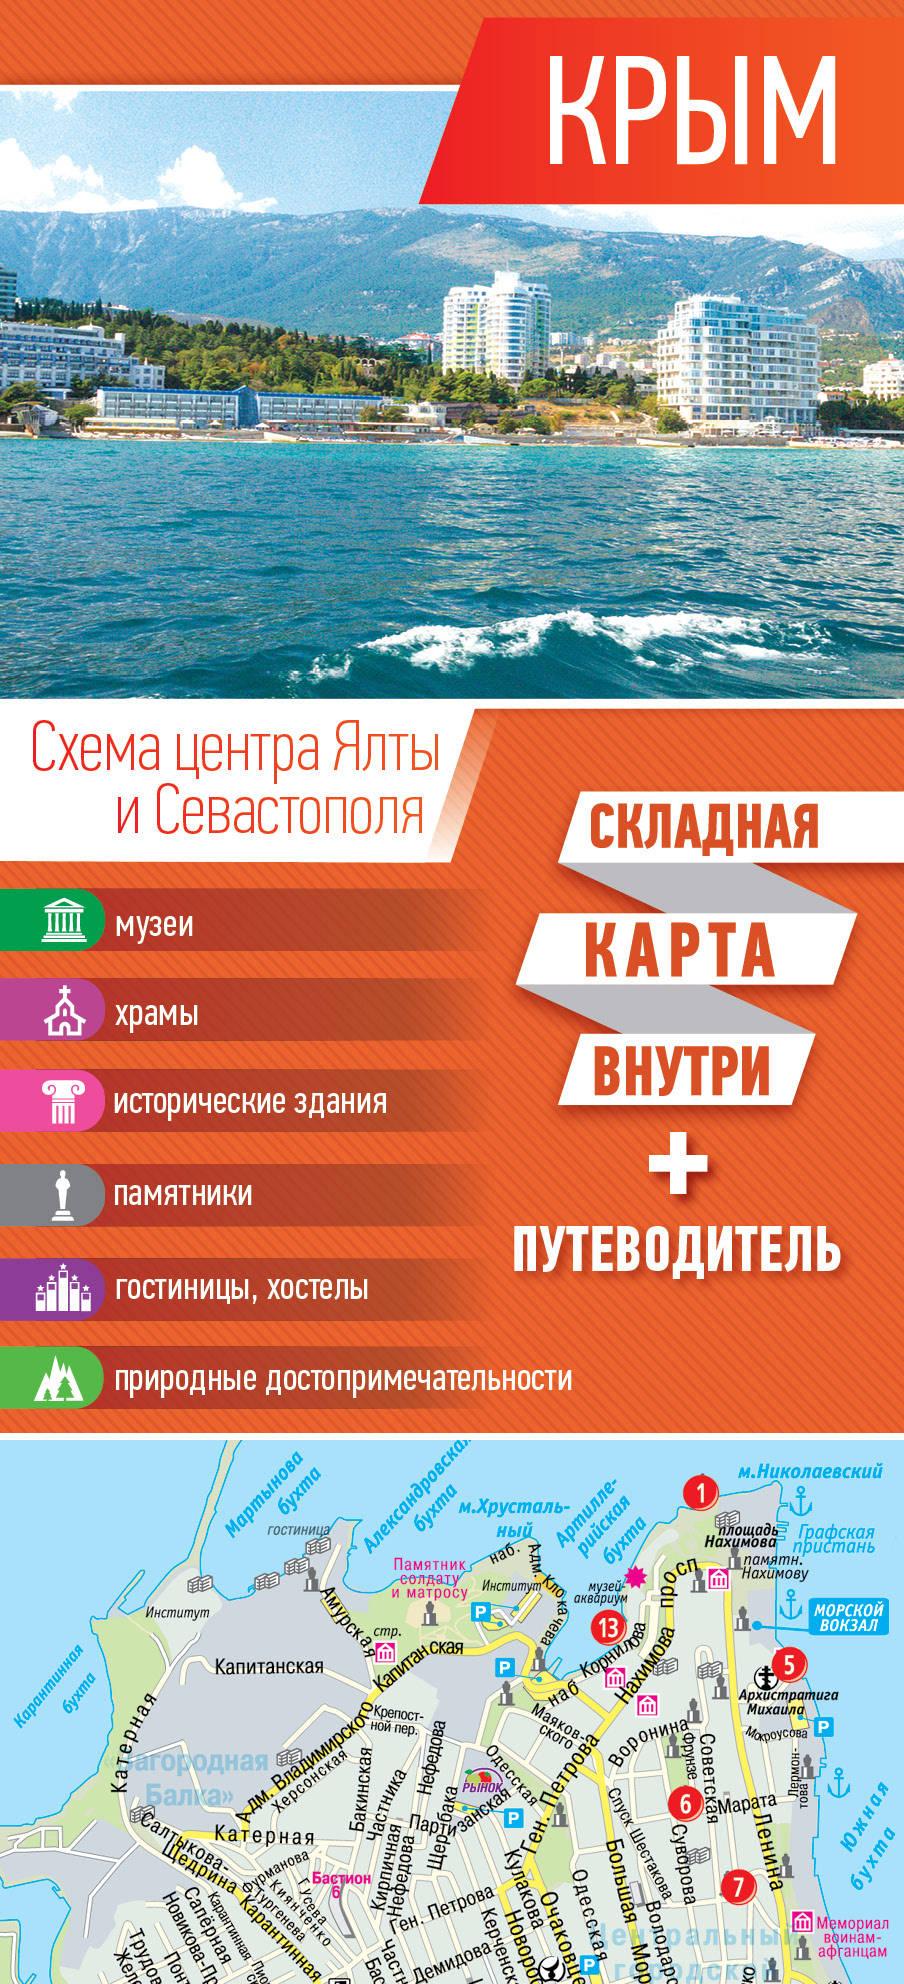 Крым. Складная карта внутри+путеводитель